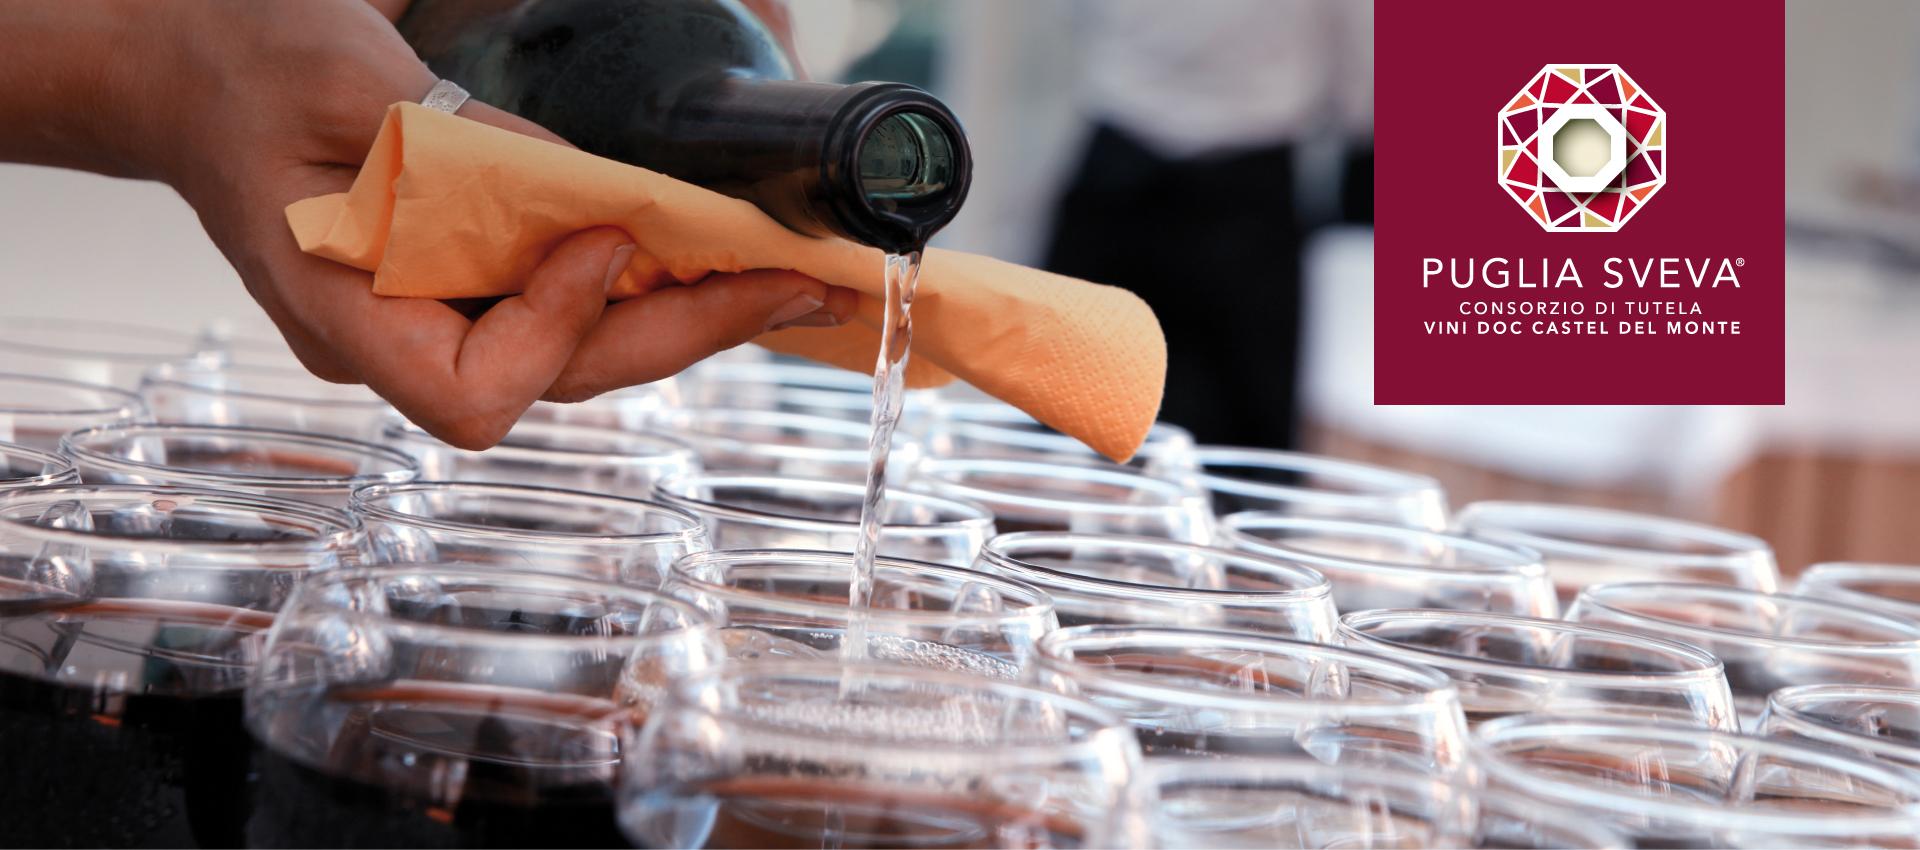 Logo Puglia Sveva - Consorzio di tutela vini DOC Castel del Monte